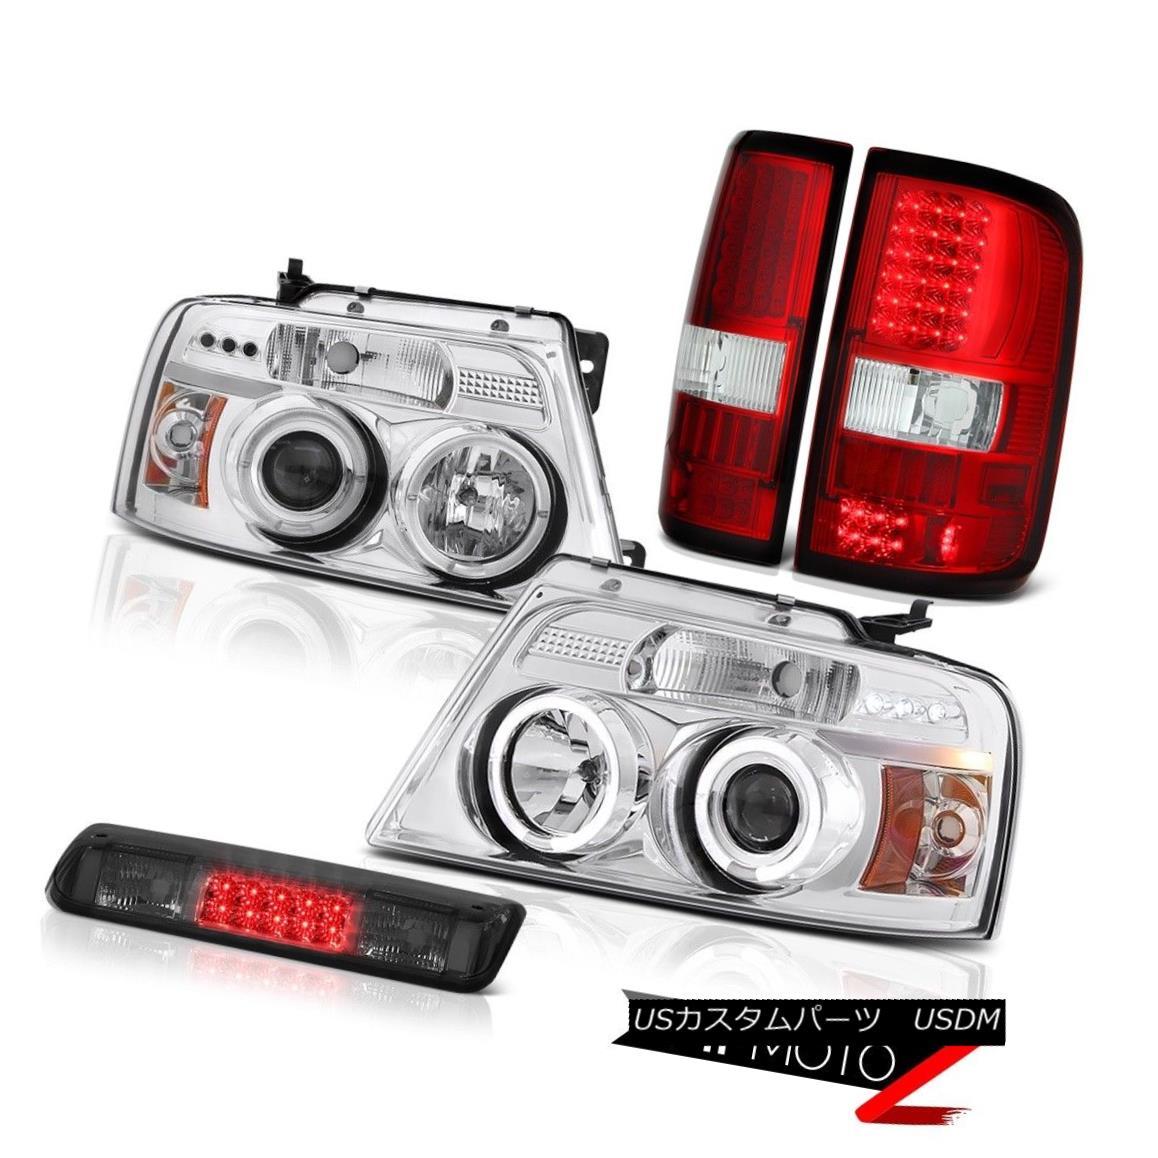 ヘッドライト 04-08 Ford F150 XLT Roof Brake Lamp Tail Lamps Headlights Angel Eyes